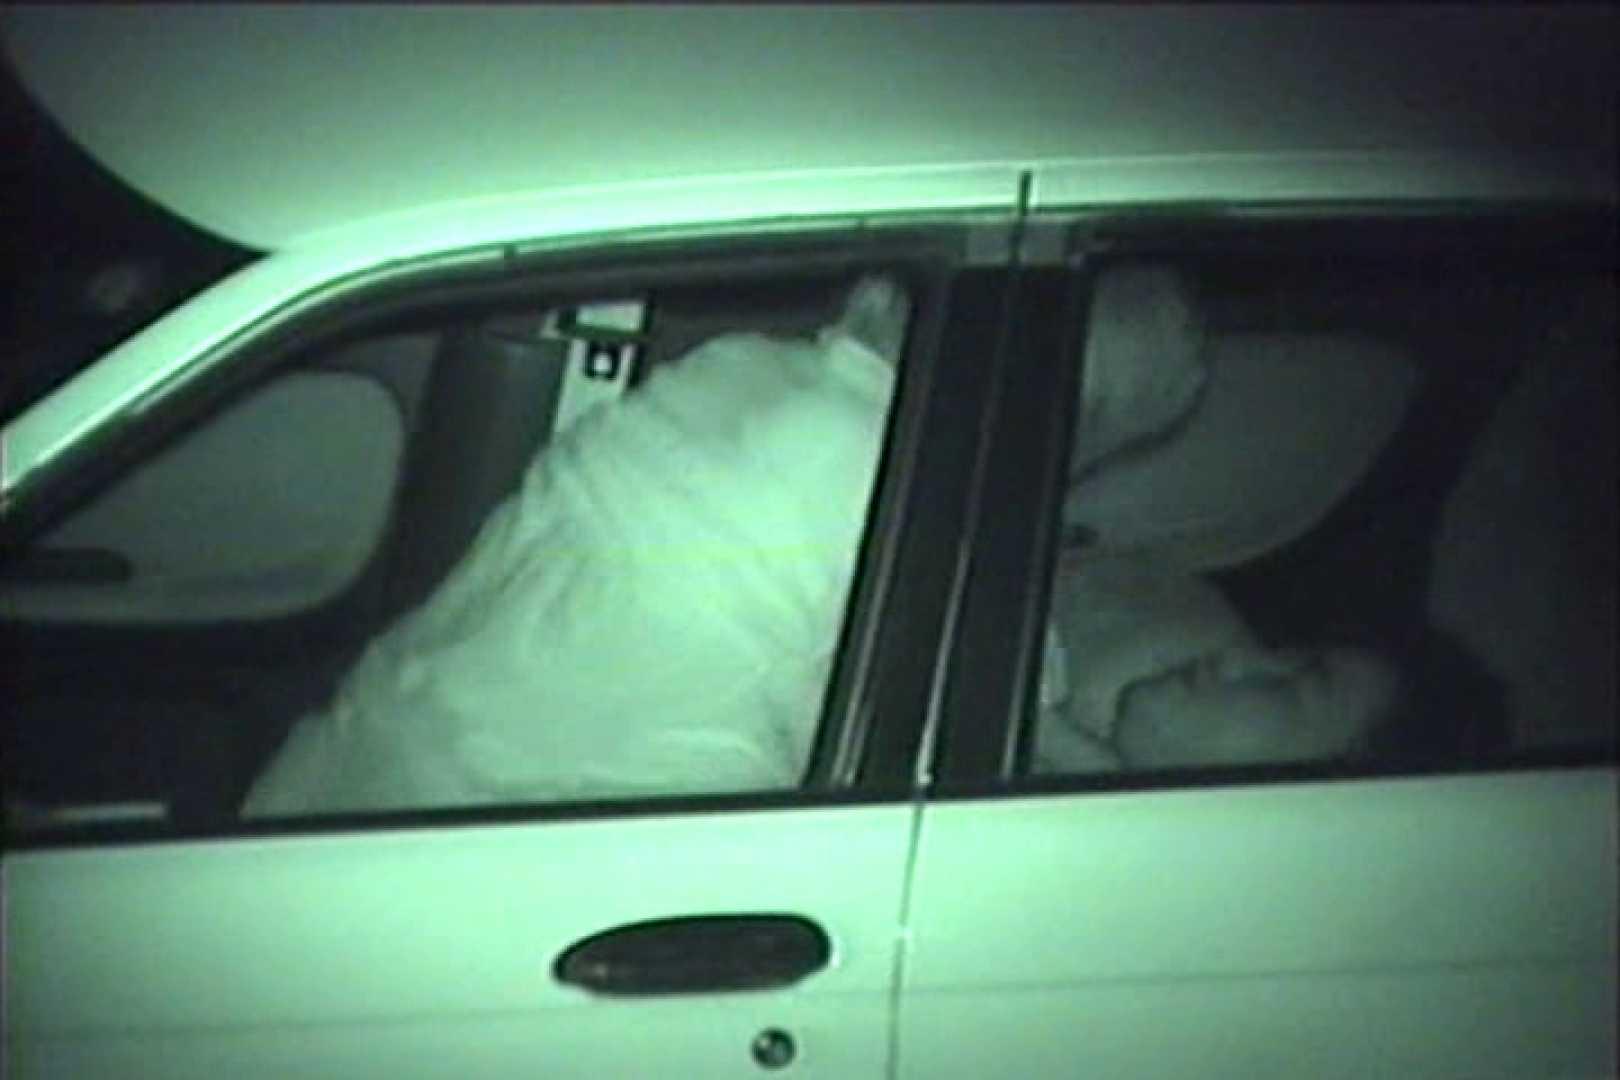 車の中はラブホテル 無修正版  Vol.17 マンコ映像 おめこ無修正動画無料 104連発 81